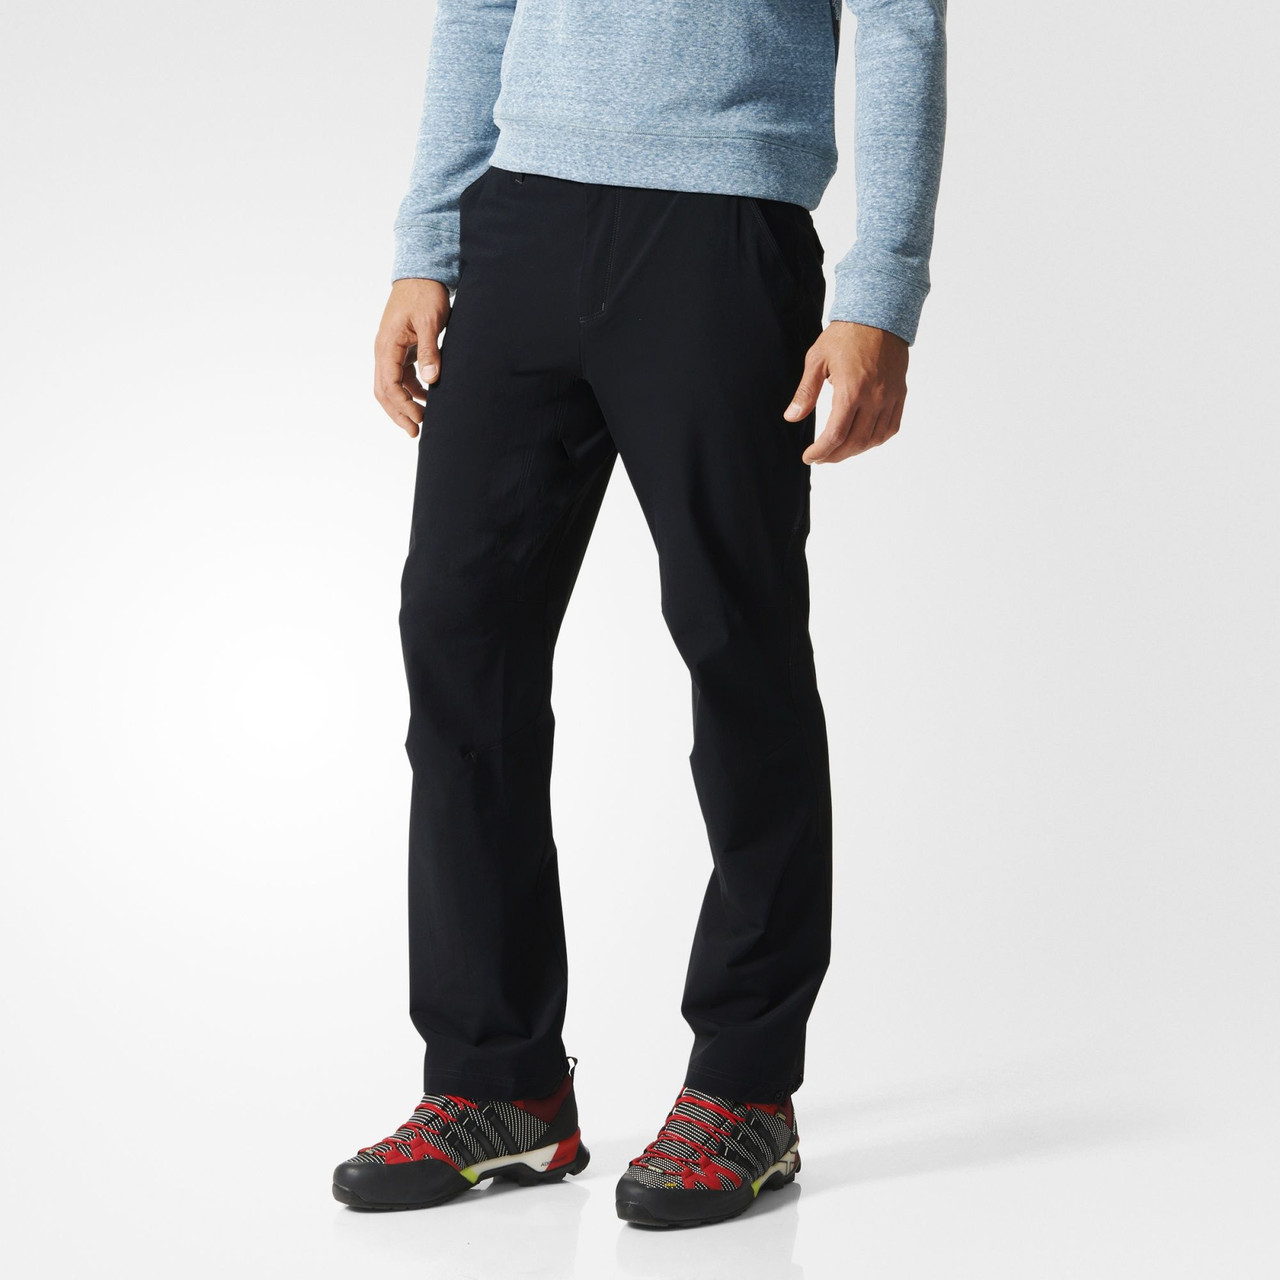 Купить Мужские брюки Adidas Outdoor (Артикул  AO1858) в интернет ... 74ca2645d842e